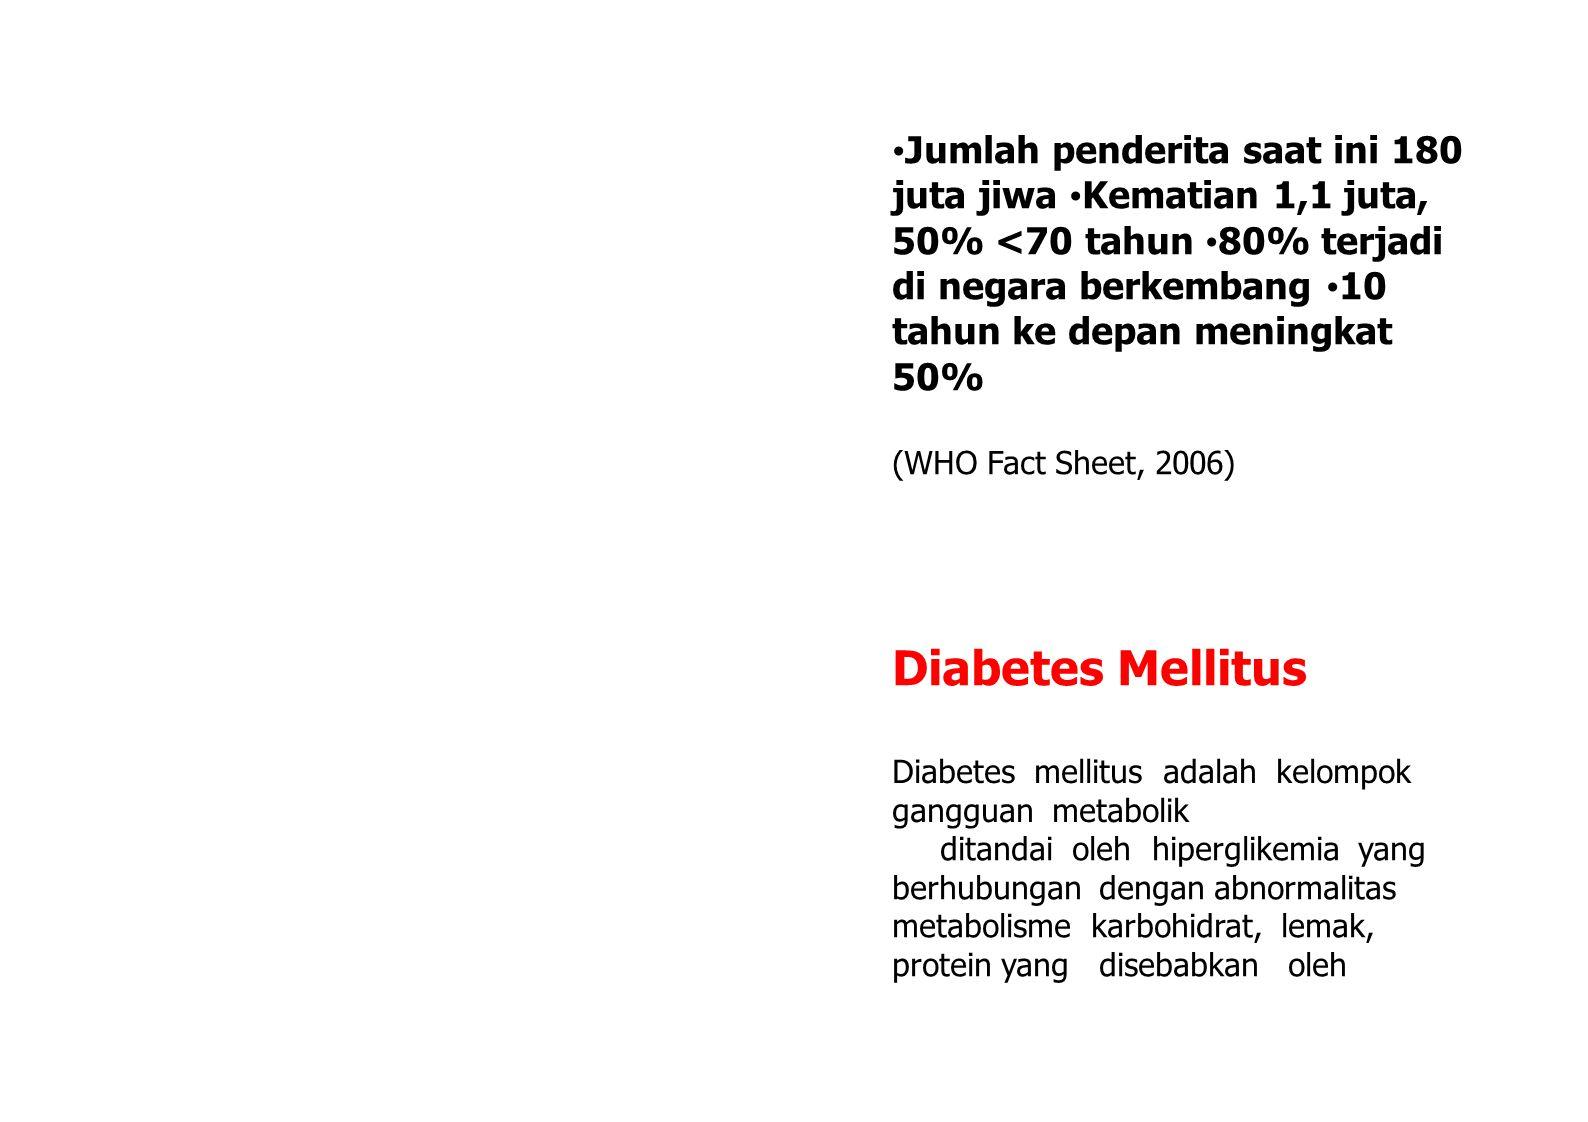 mg/kg STZ + 100 mg/kg Perbandingan diameter sel otot Terjadi perbaikan dari STZ + VSSTZ + VS 30mg/kg 100mg/kg kondisi atropi Tidak tampak nekrosis otot Vanadil sulfat memperbaiki kondisi atropi sel dan nekrosis Irisan penampang jaringan adipose mencit menggunakan pewarna hematoxylin-eosin KONTROLDIABETES MELLITUS - Bentuk sel makin teratur - Terjadi Diabetes (STZ)STZ + VS 5mg/kg regenerasisel